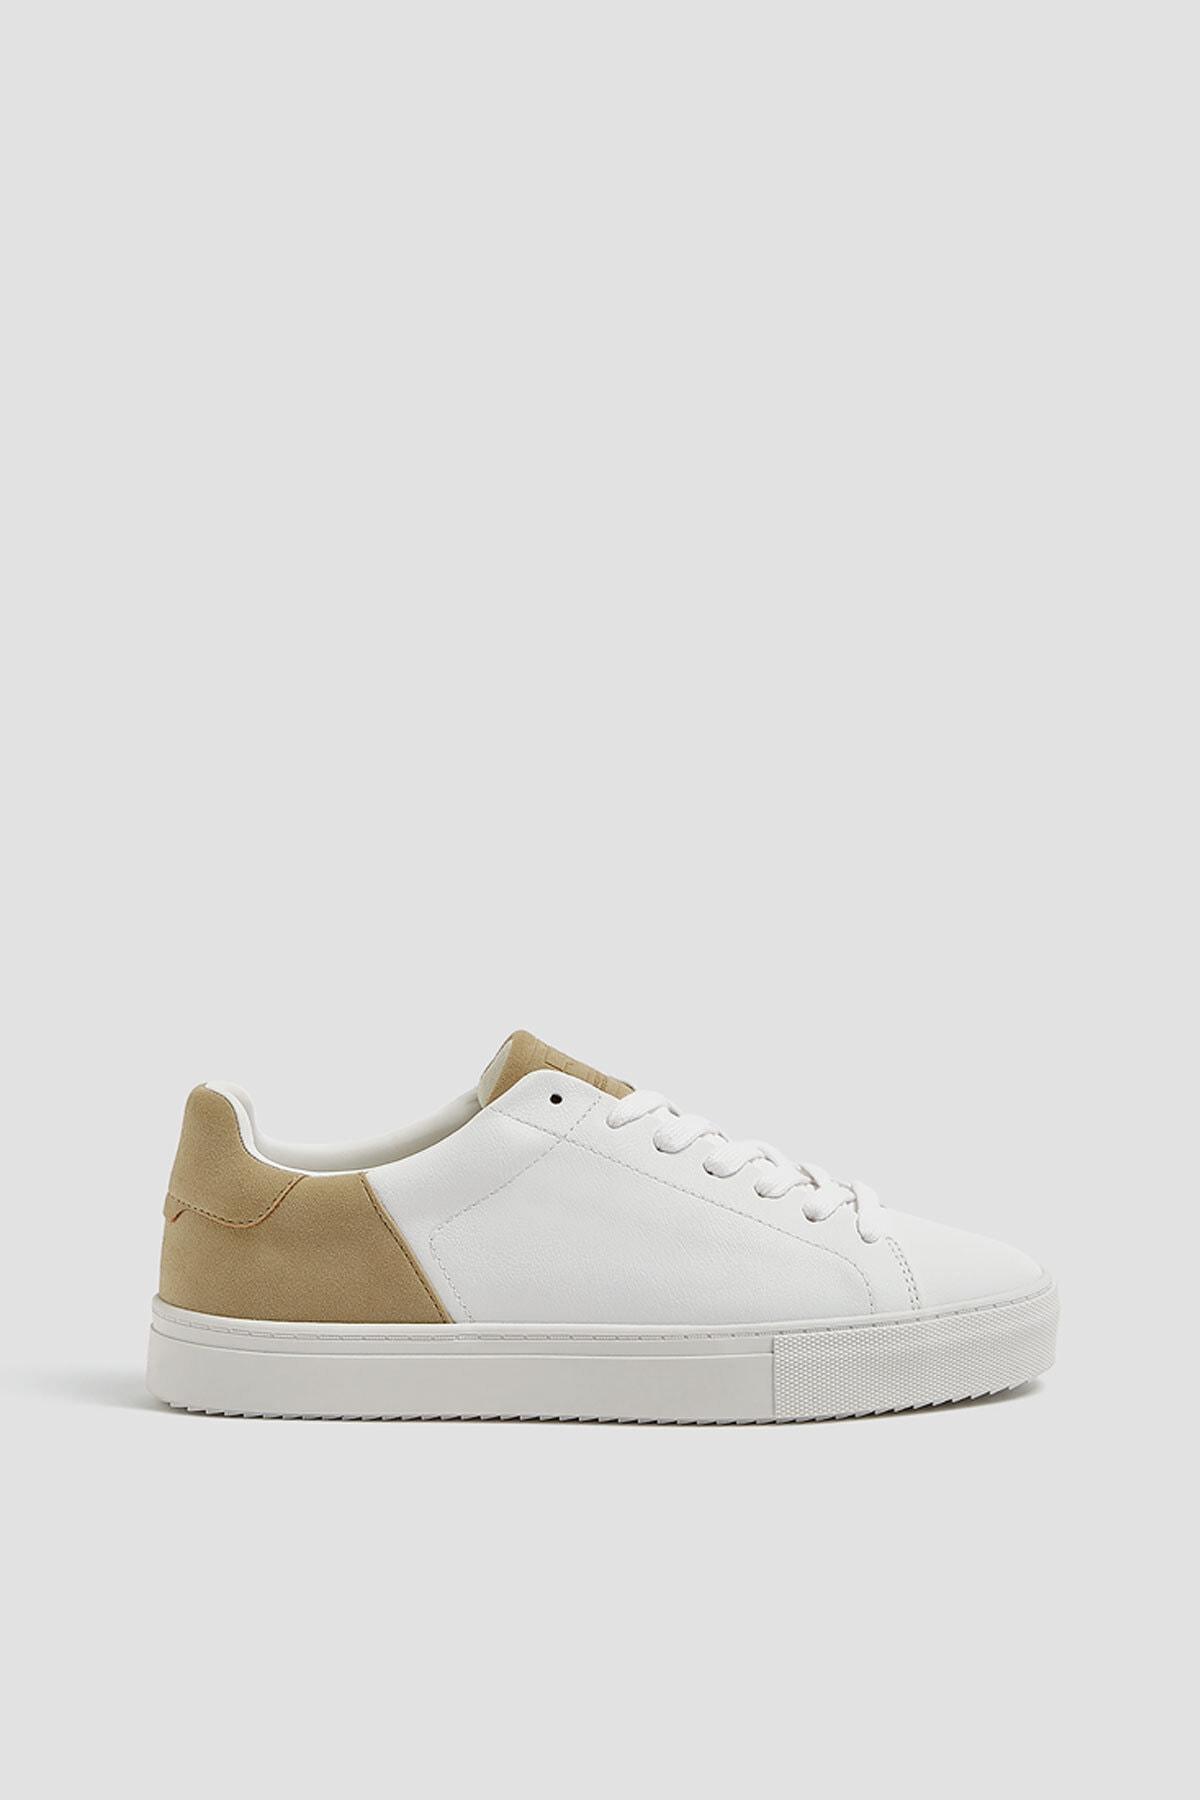 Pull & Bear Erkek Beyaz Kontrast Spor Ayakkabı 12229540 0